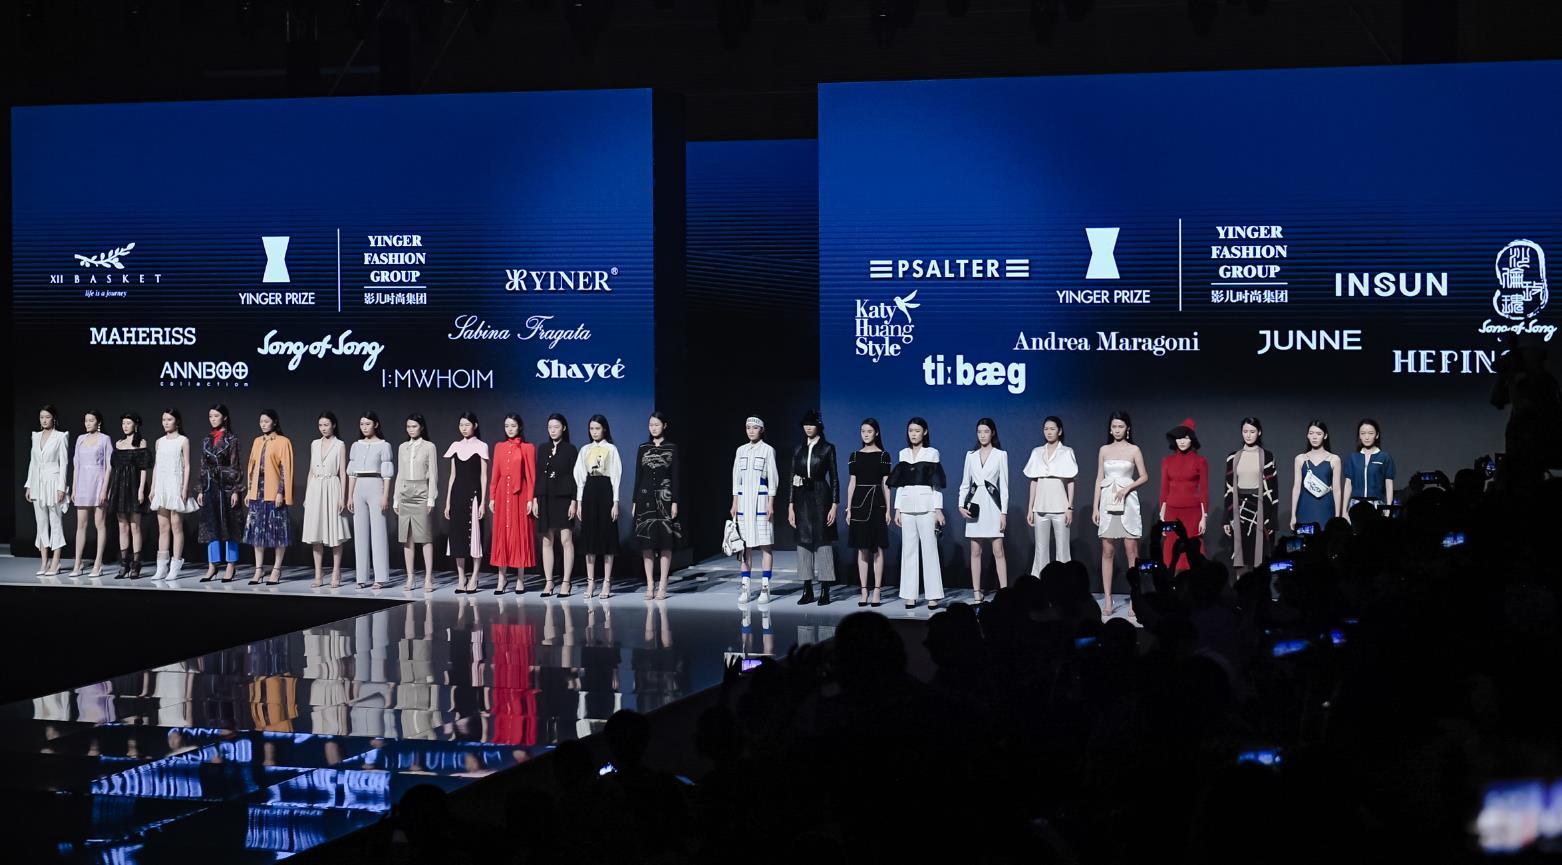 首届YINGER PRIZE独立设计师联名款重磅发布 闪耀2020时尚深圳展